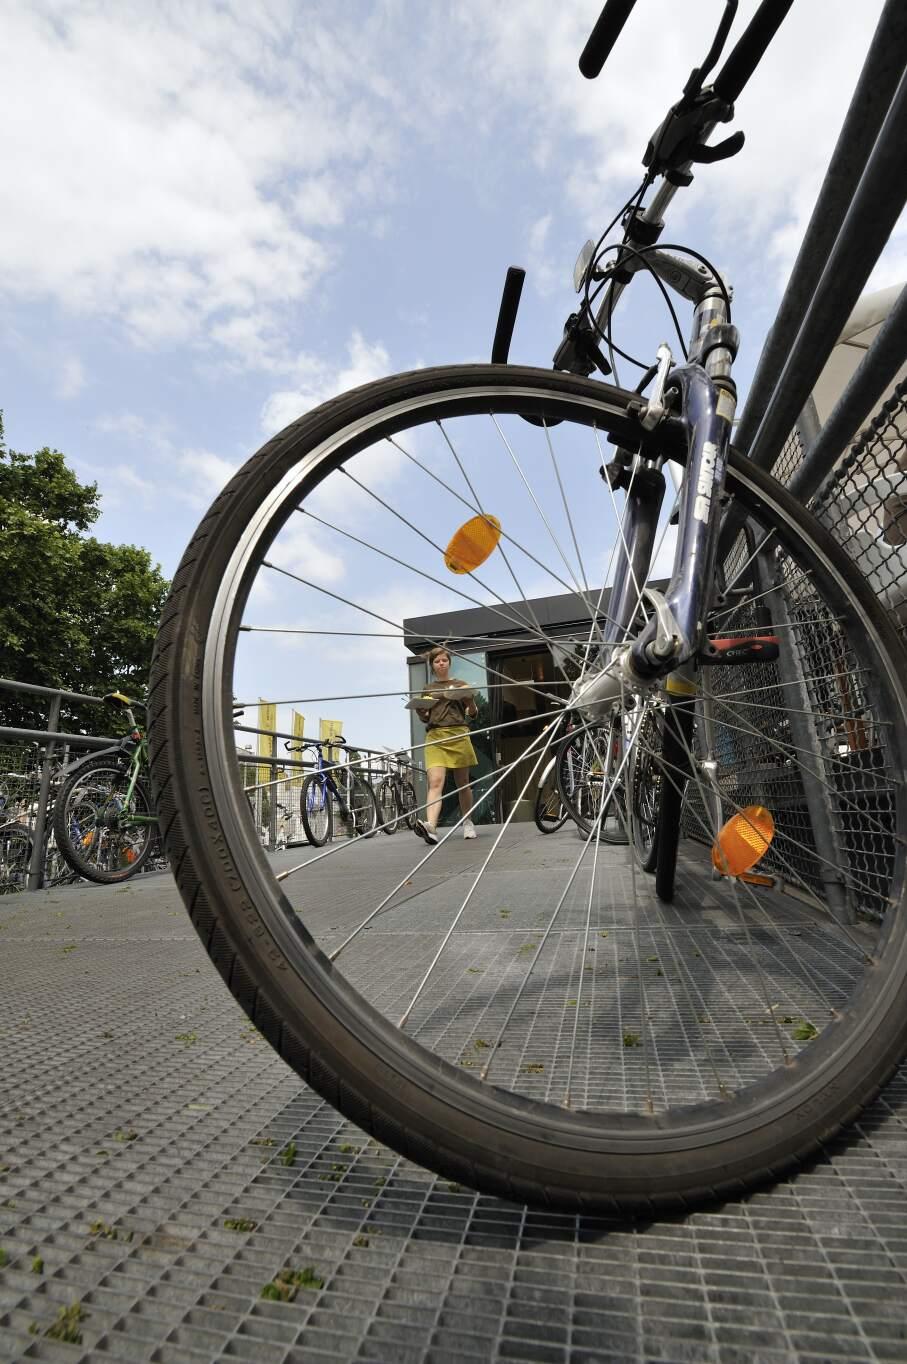 81710-Bicikli_Foto_Schaub-Walzer.jpg